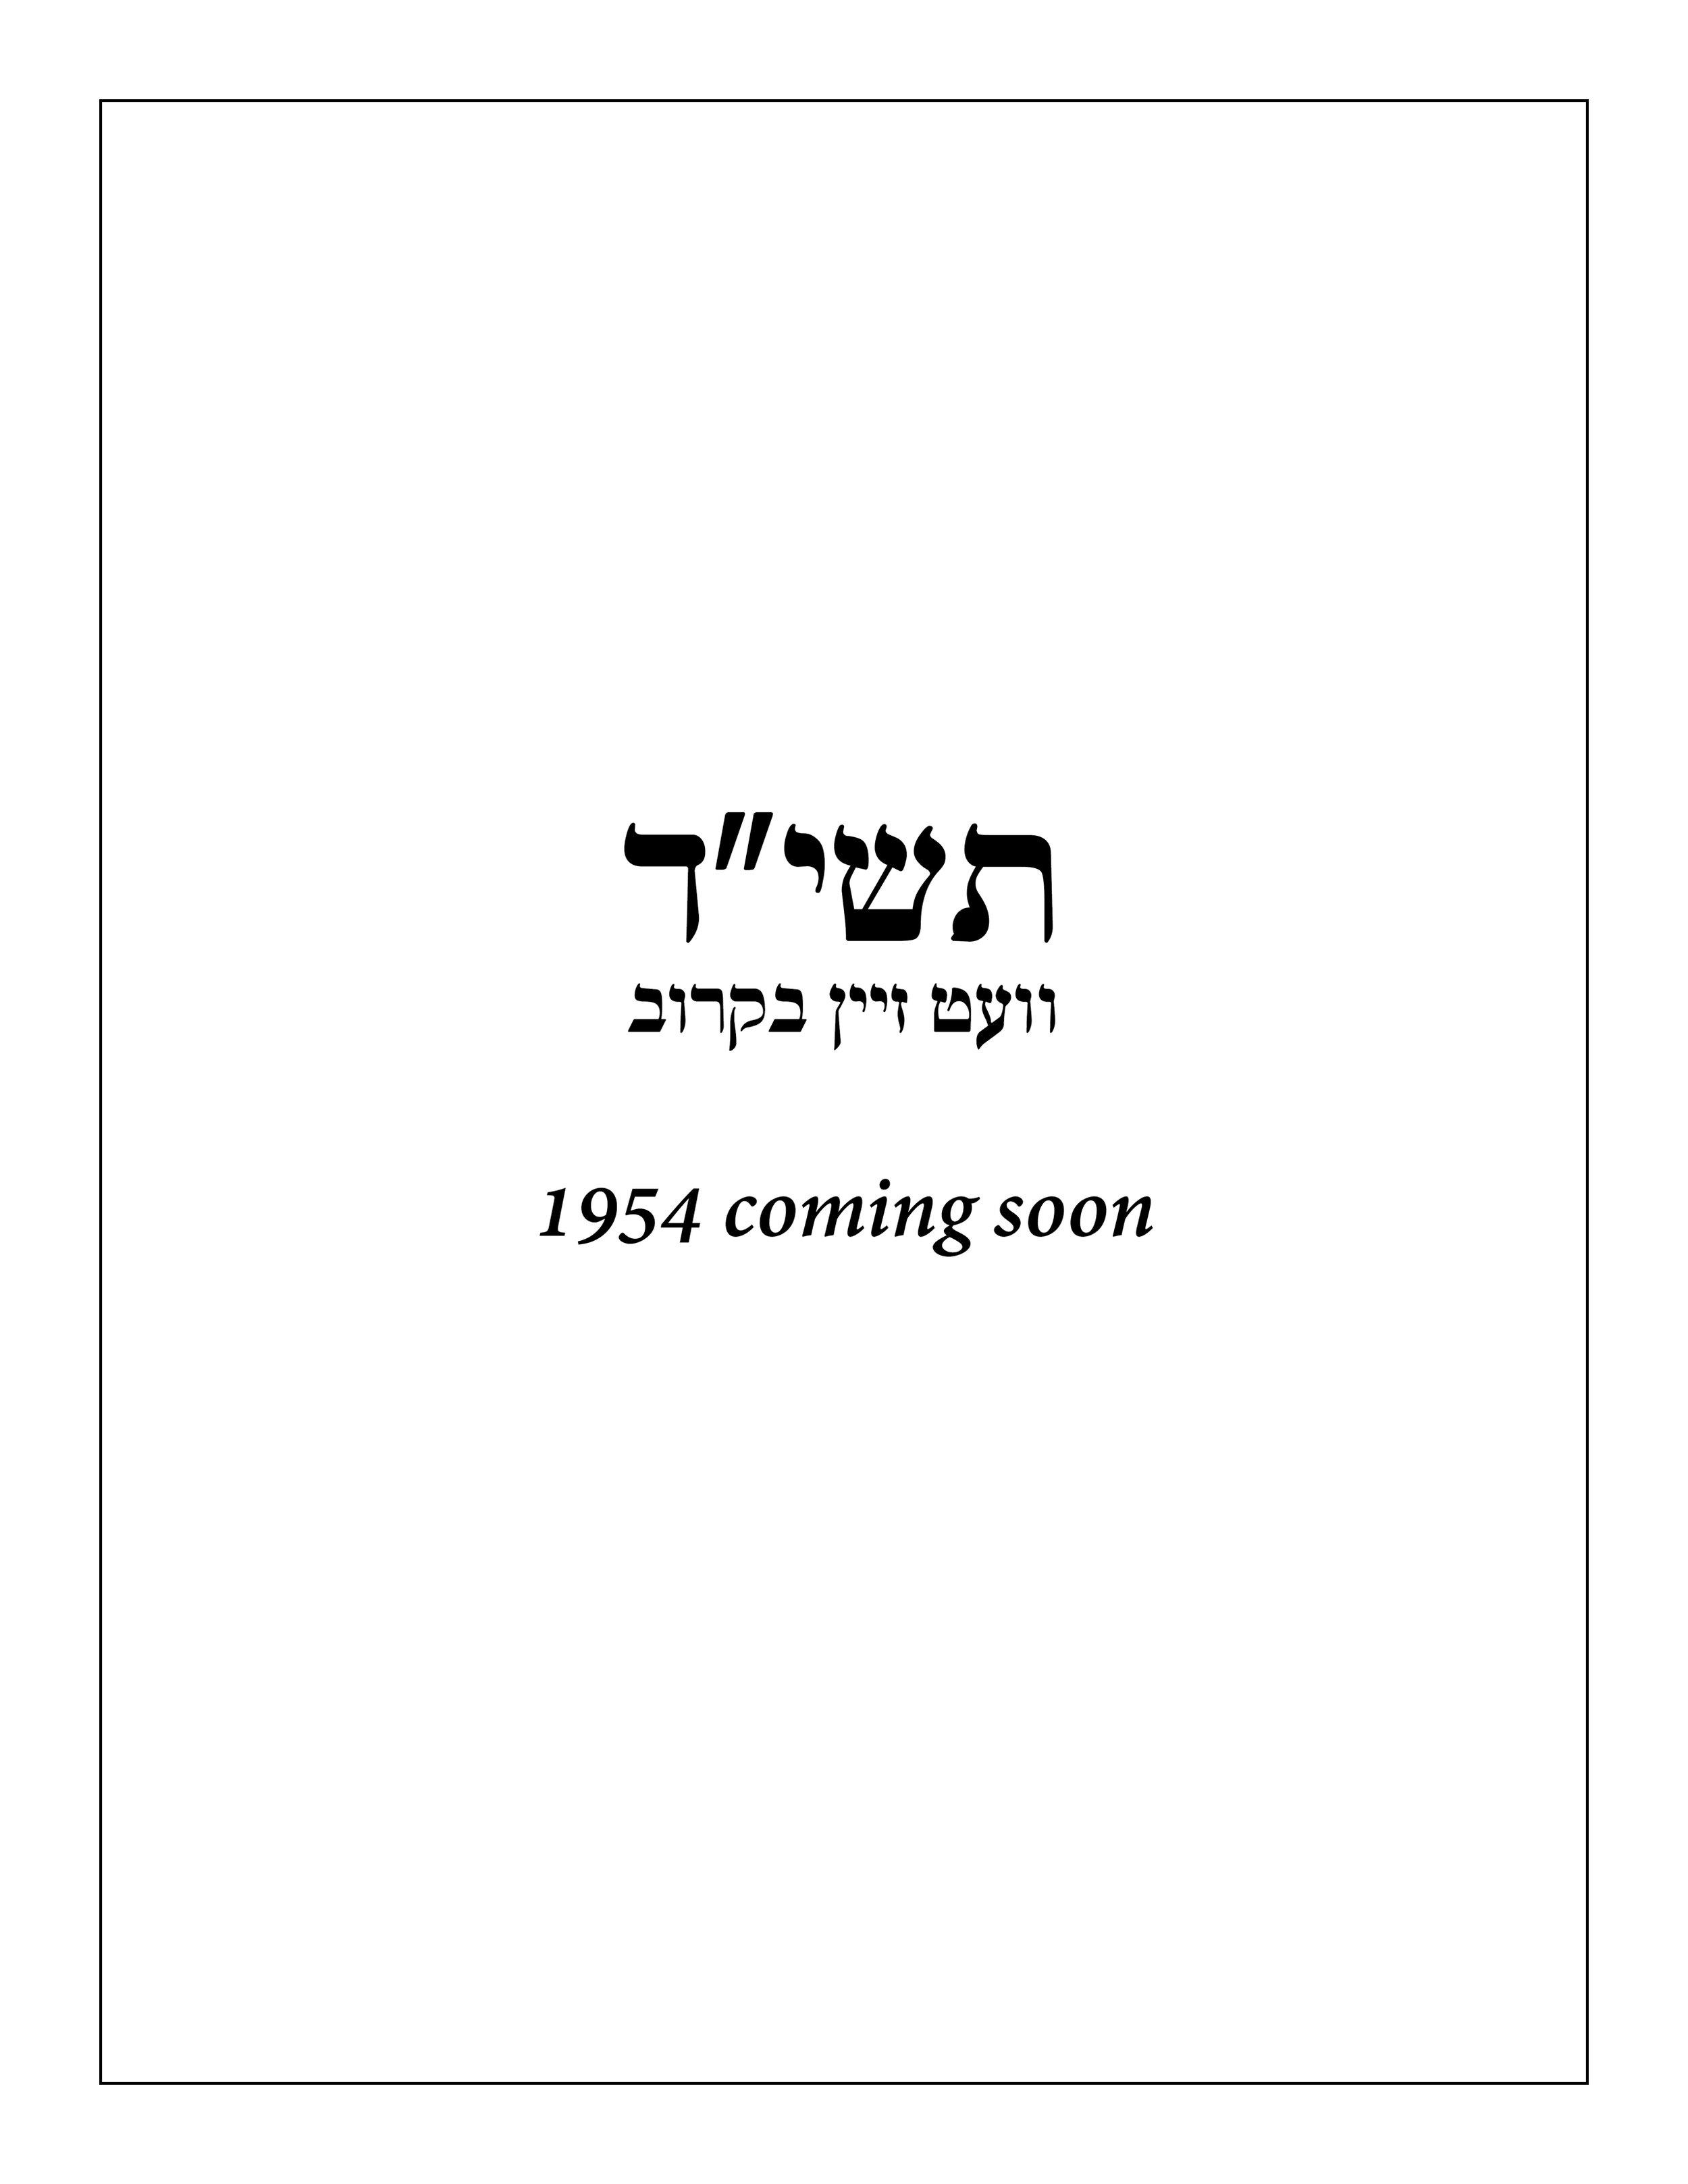 Coming soon years2.jpg